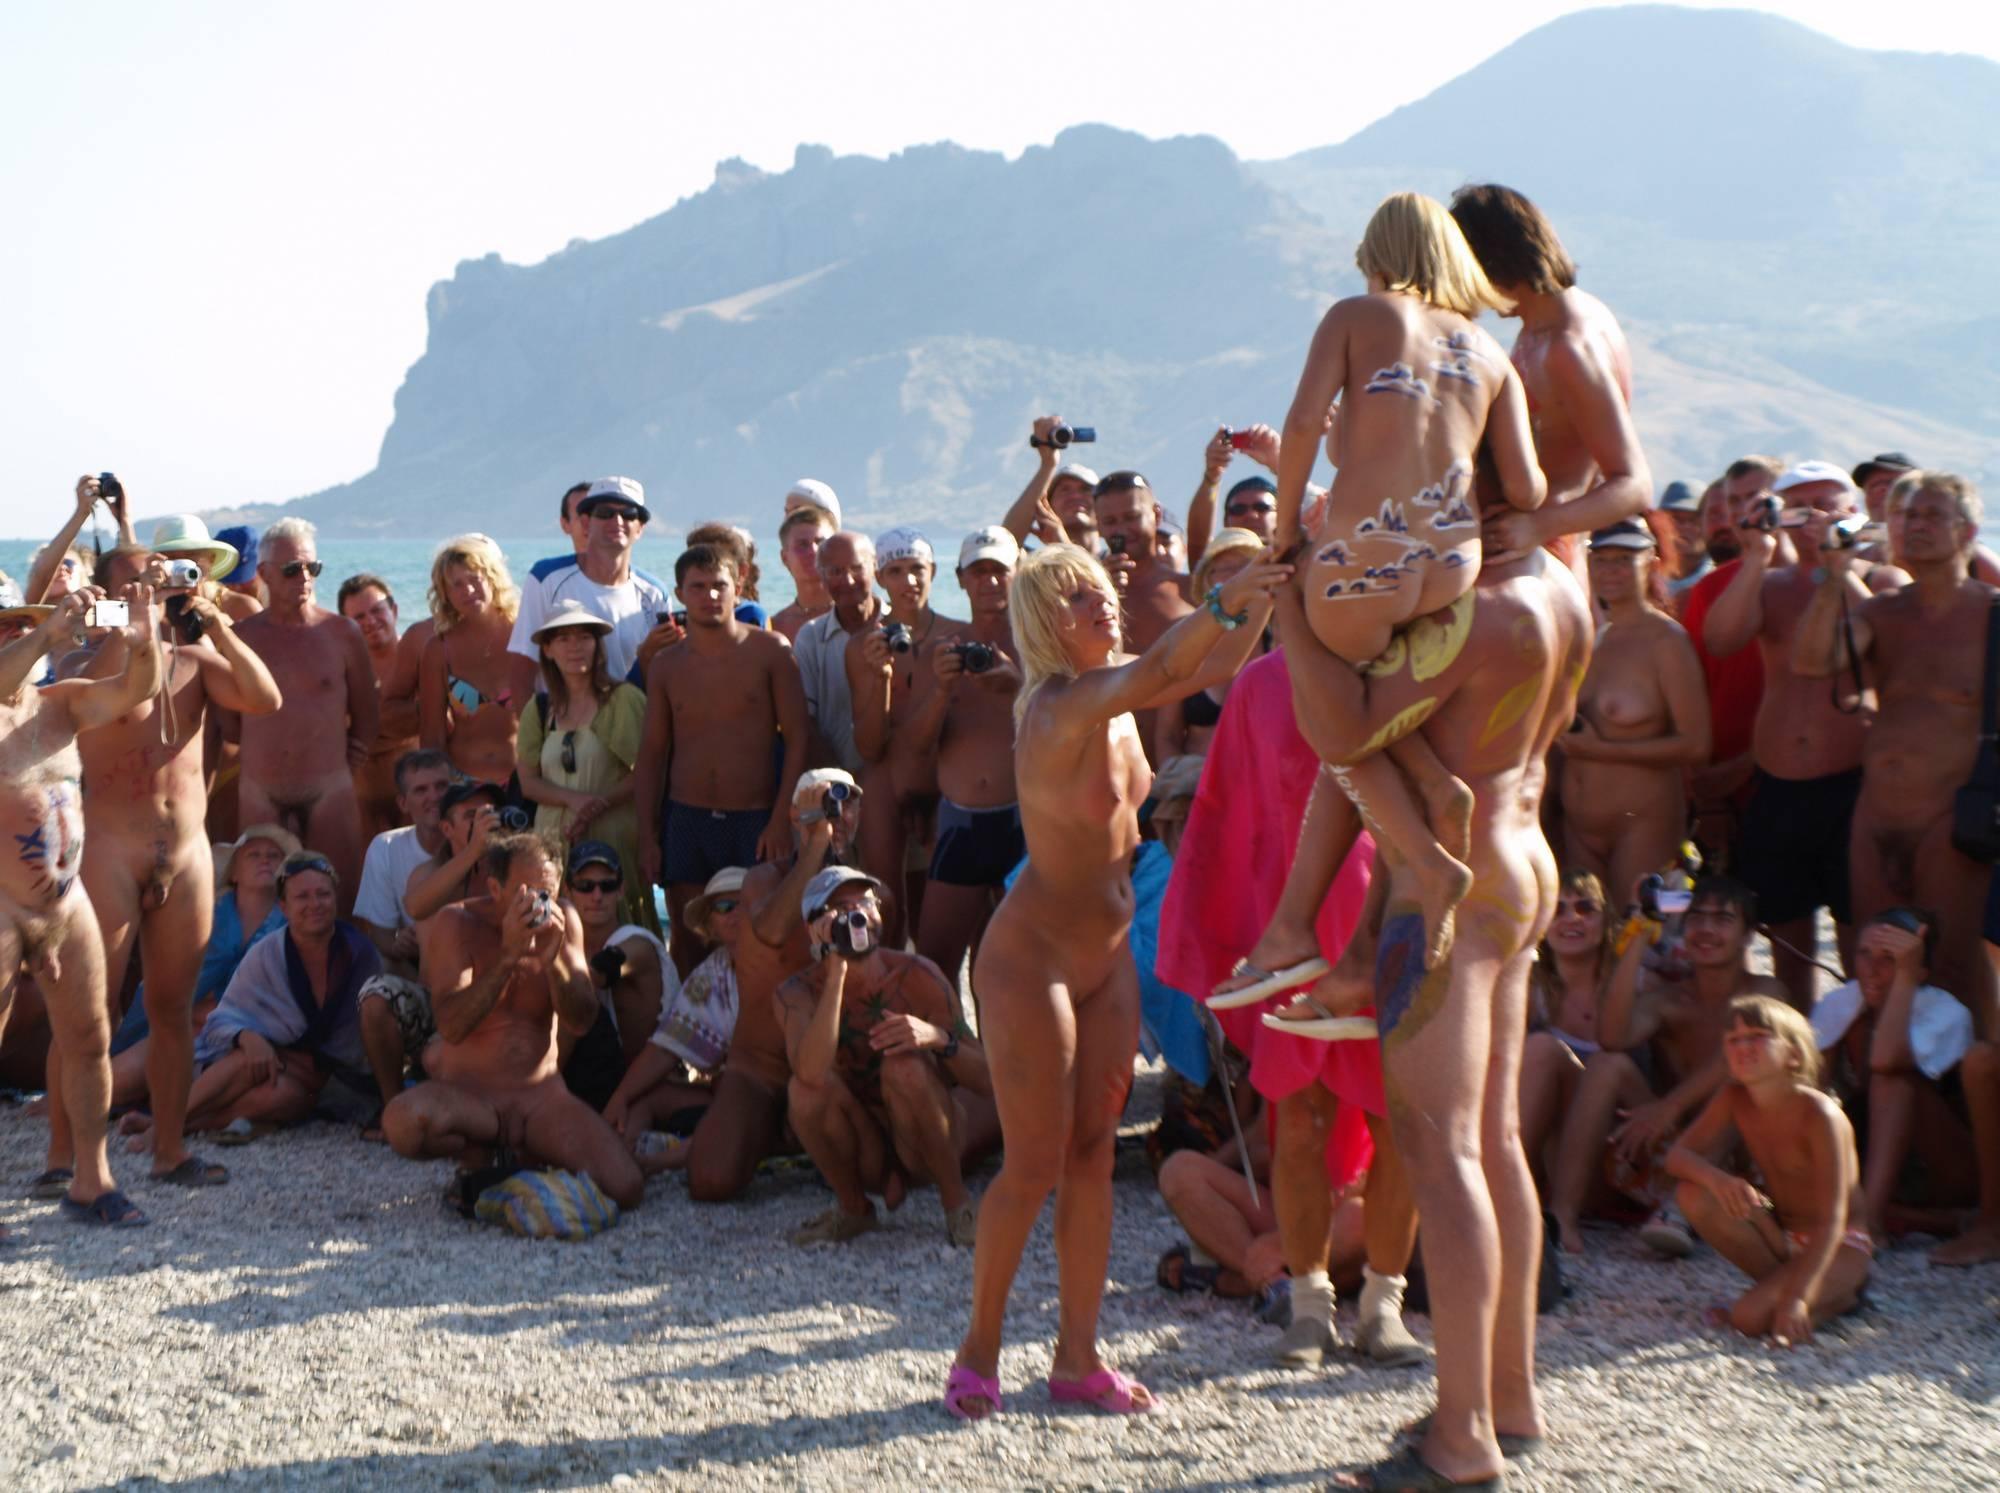 Nudist Gallery Nude Human Weightlifting - 1